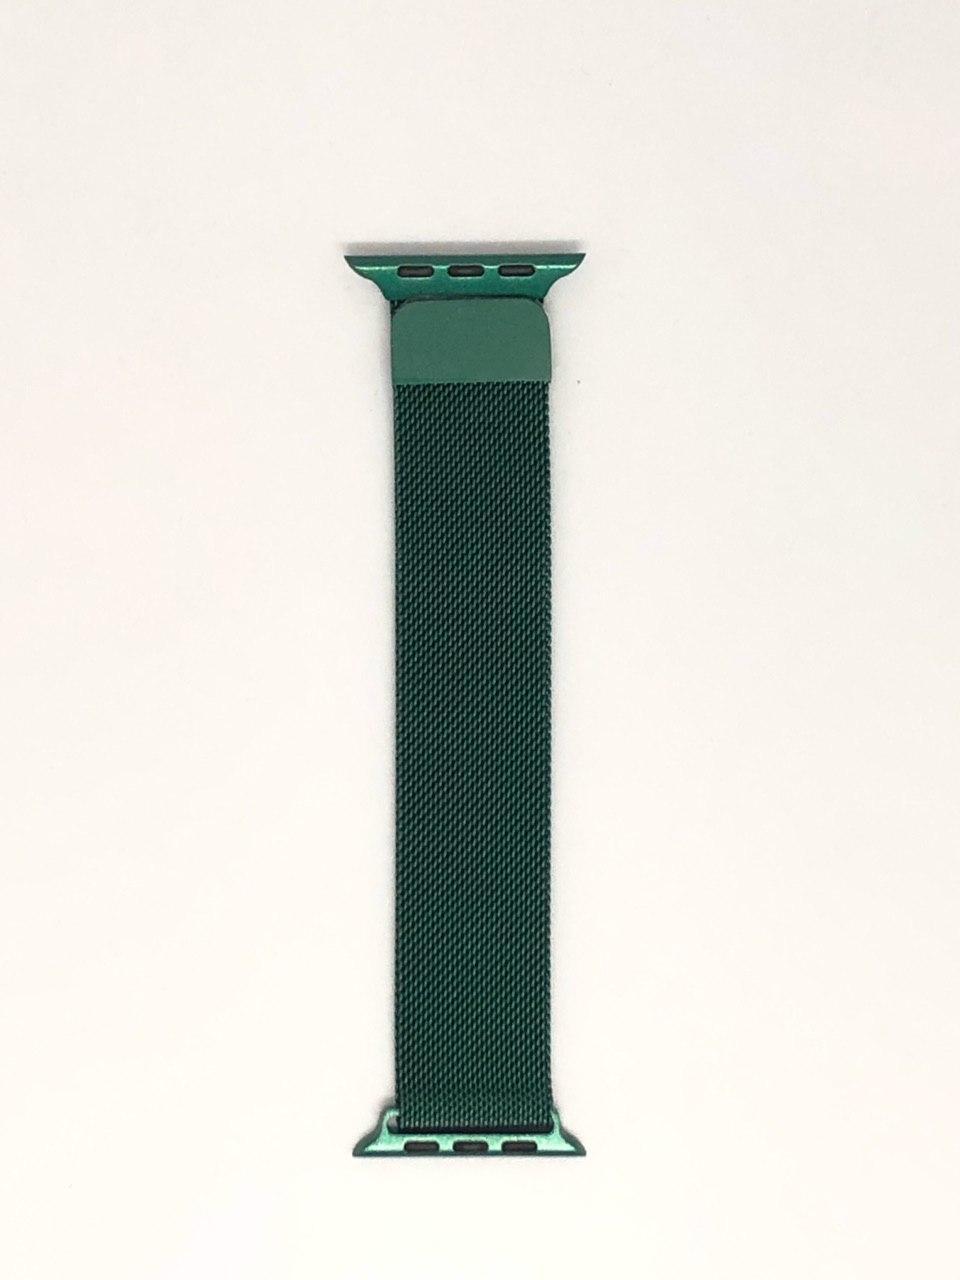 Миланская петля Apple watch 38/40 mm - №13, ремешок, металлический